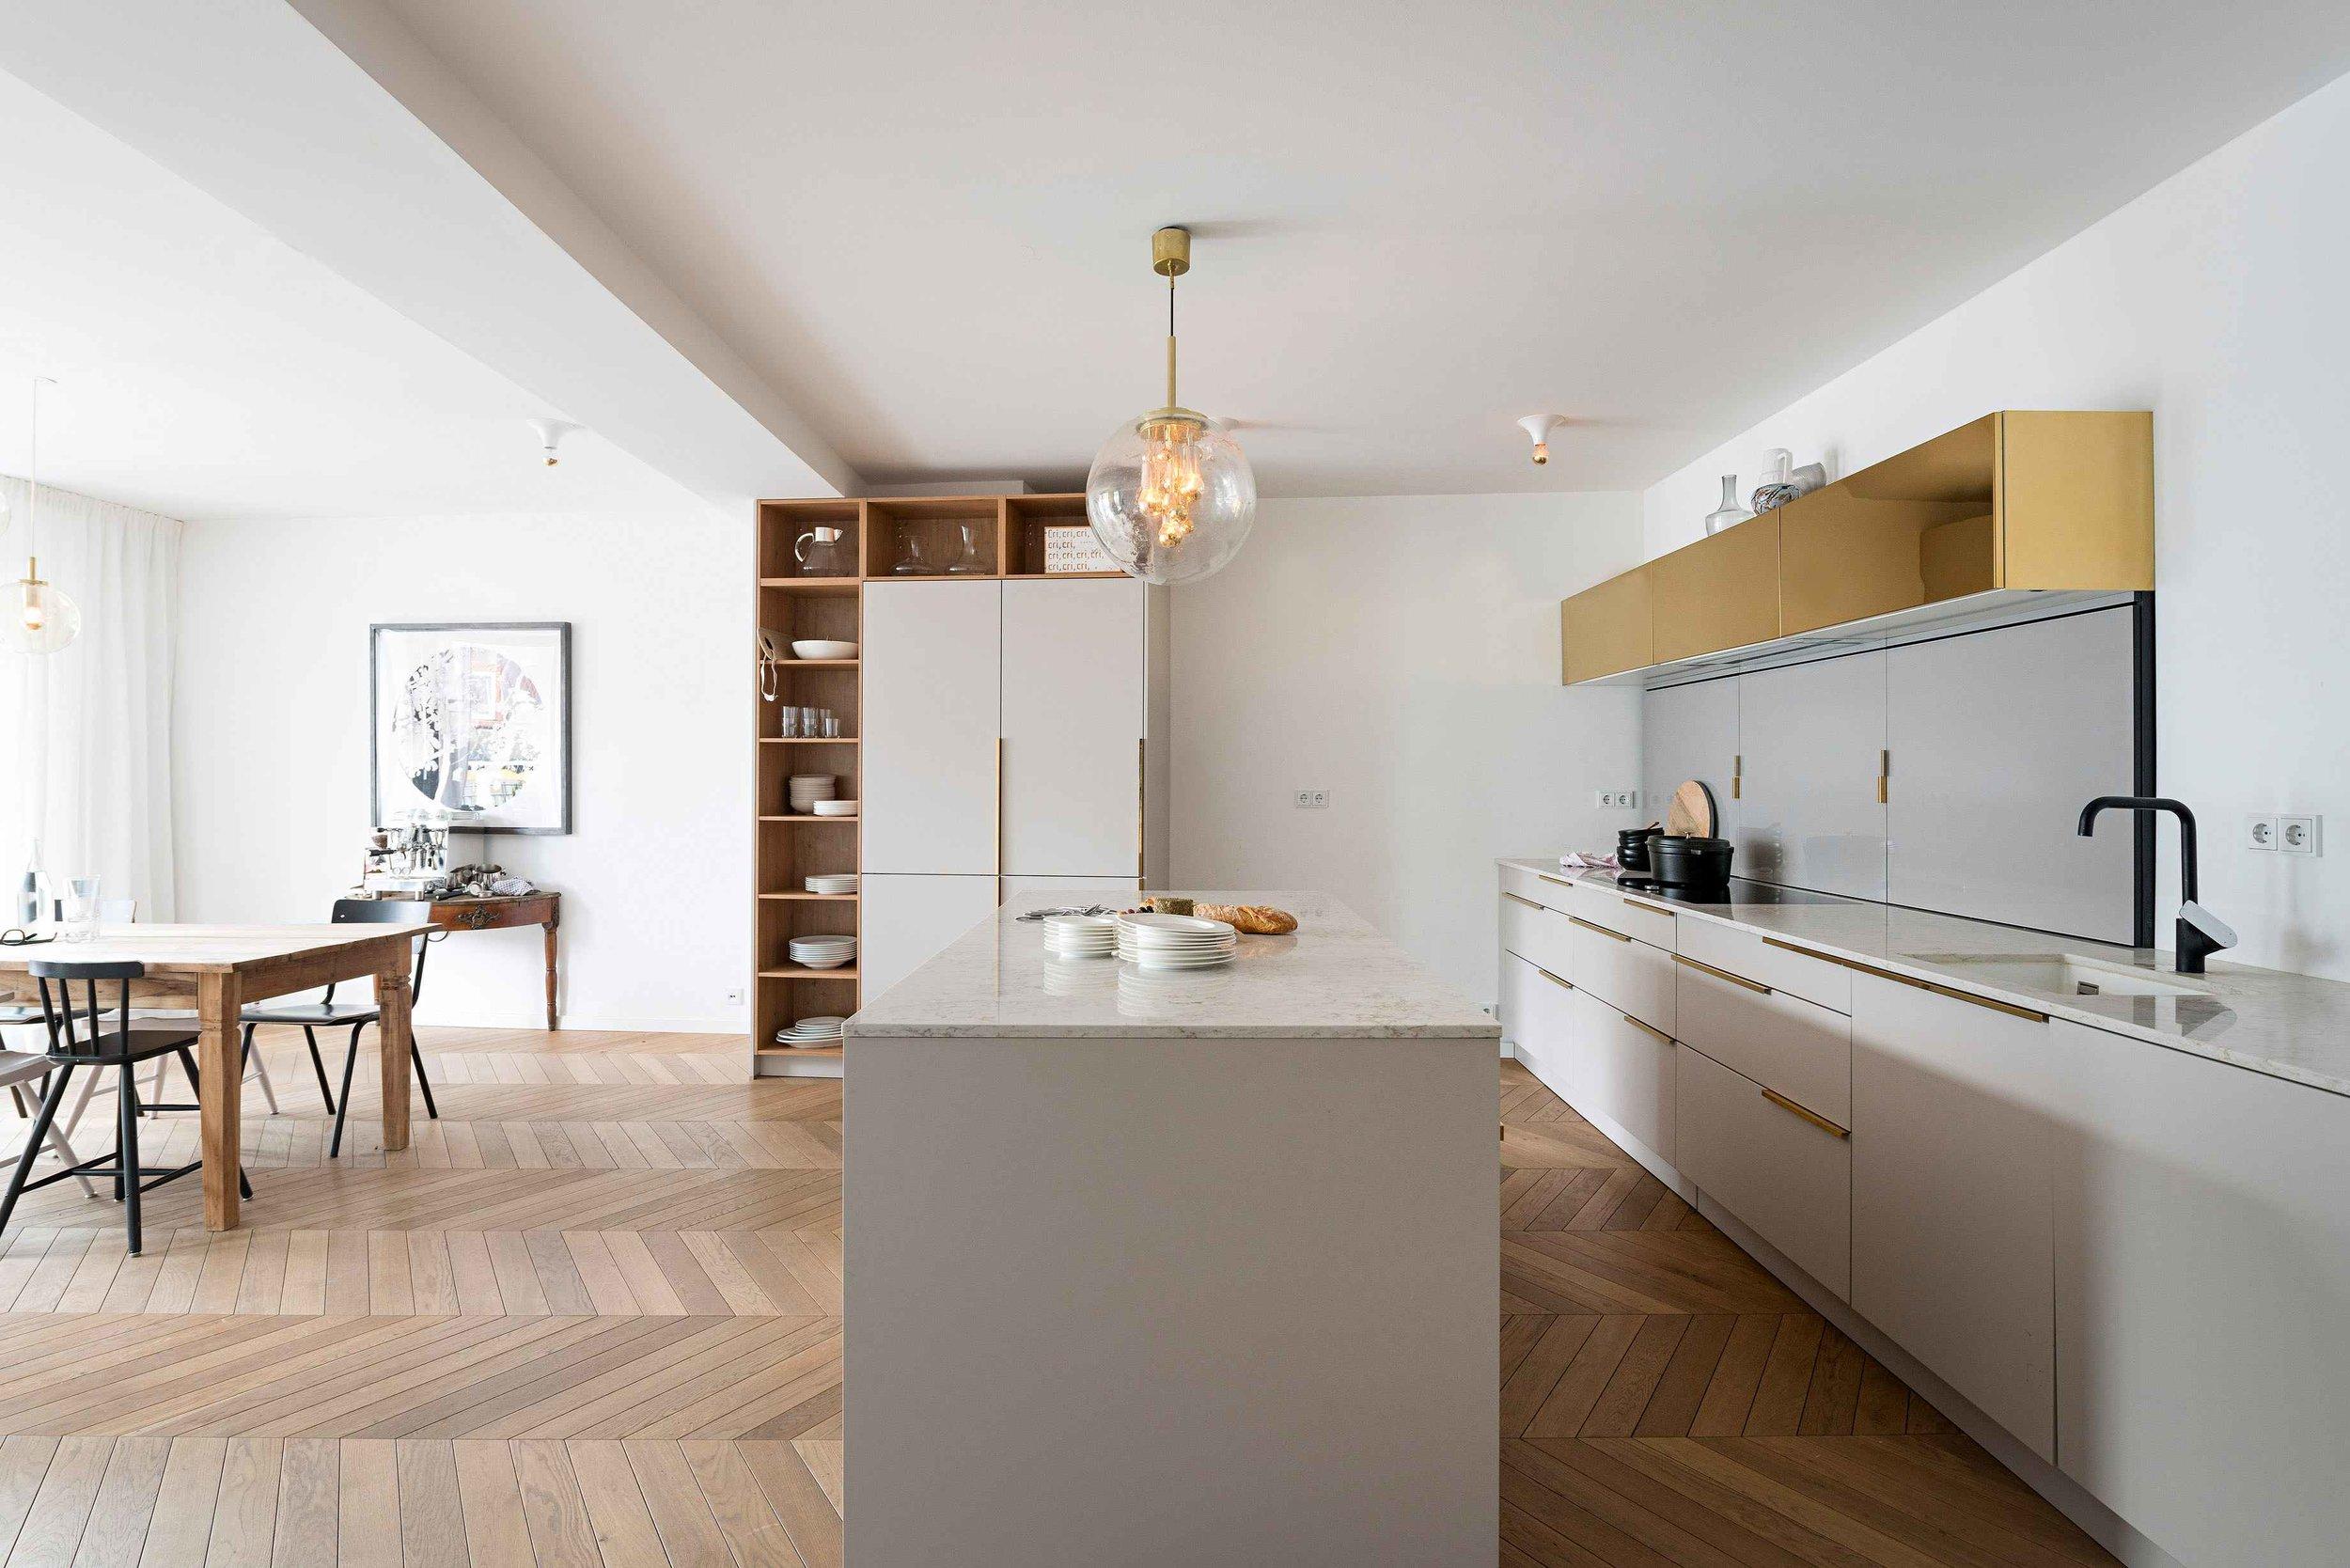 Buero Philipp Moeller-Architektur-Muenchen-Sanierung-Wohnung5.jpg